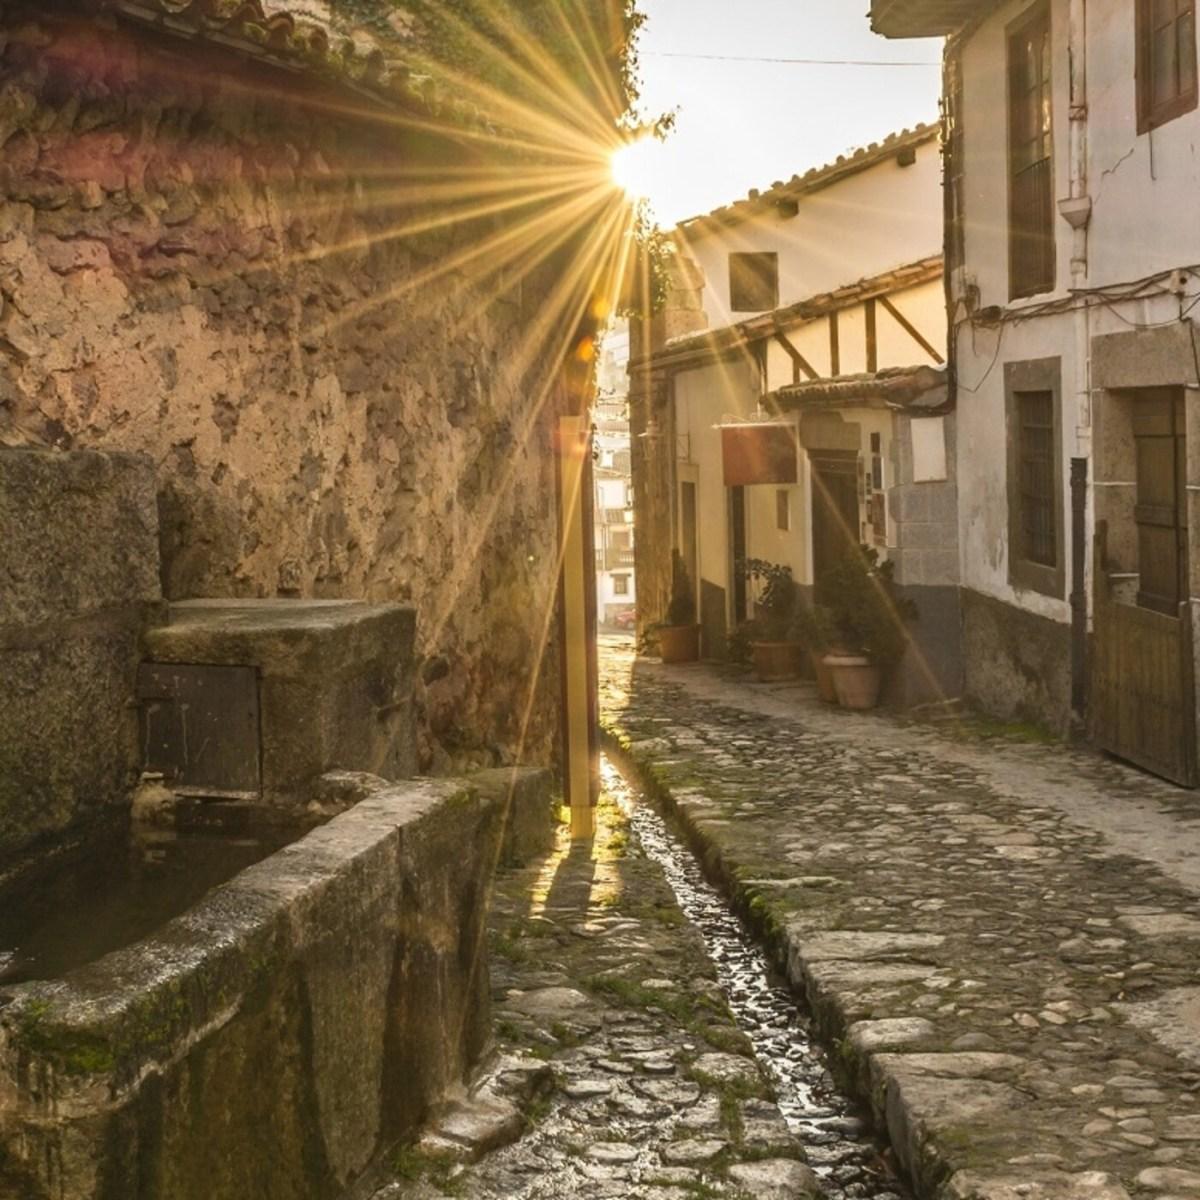 Cooperamos y, con Carlos Gil, paseamos por Candelario (Salamanca) – 7 Días X Delante 13102021